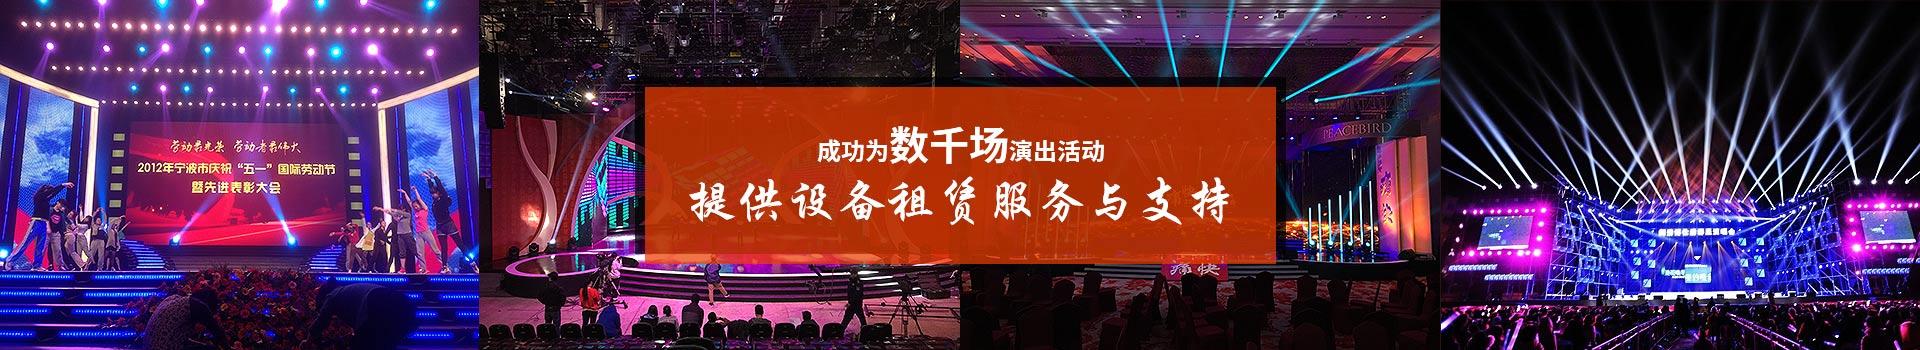 鑫禾舞美成功为数千场演出活动提供设备租赁服务与支持